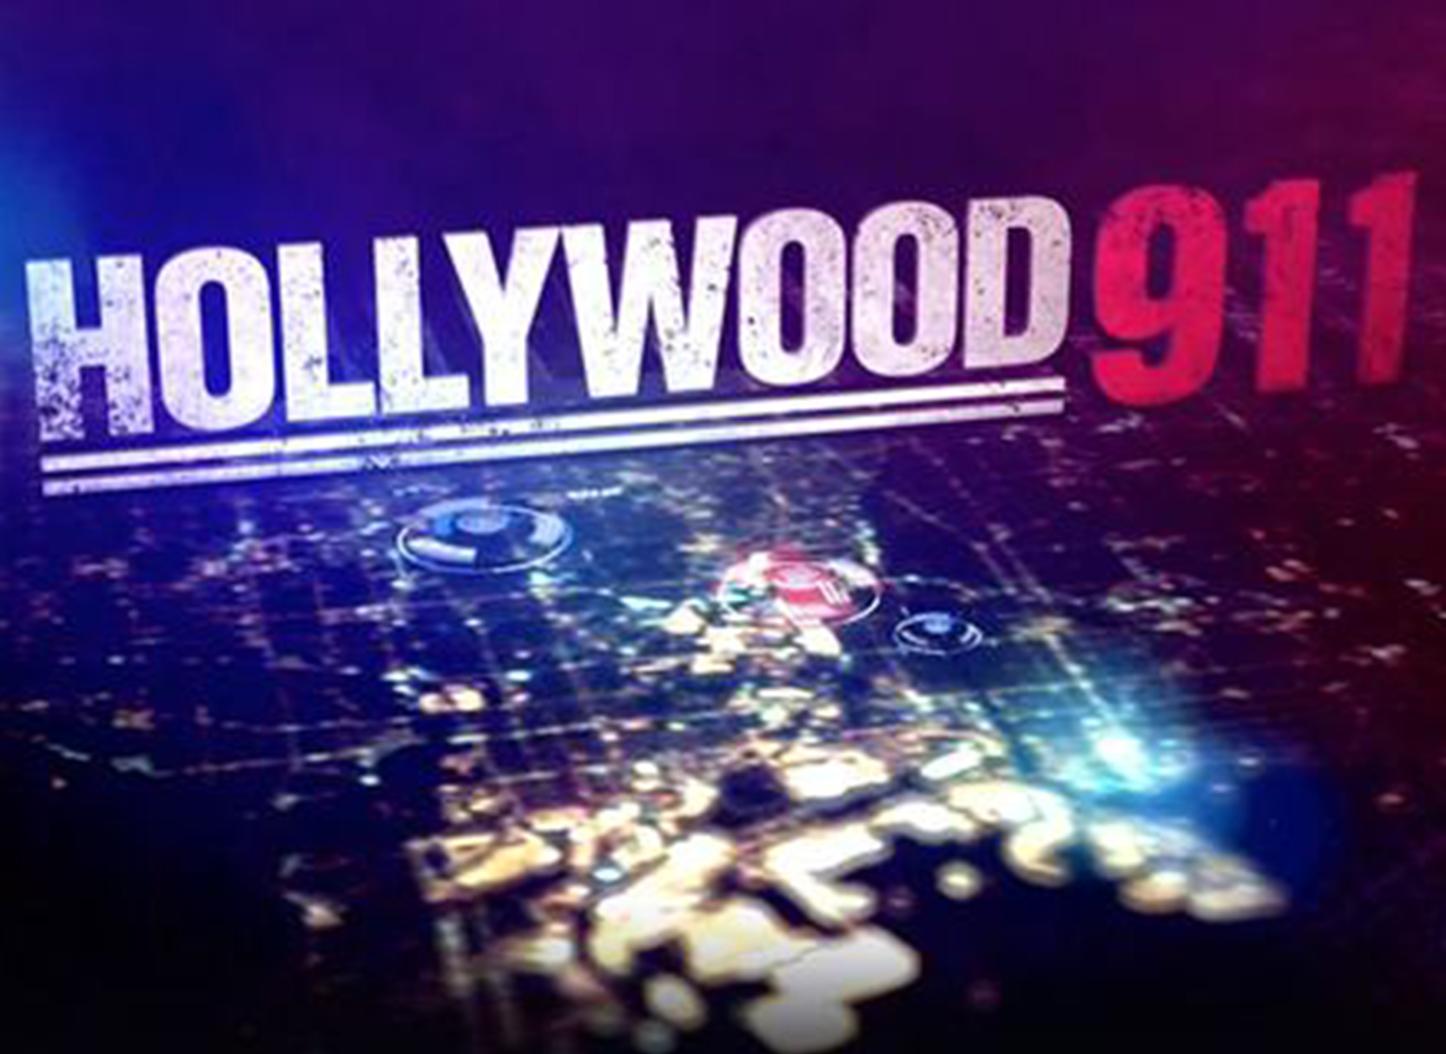 Hollywood911-1.jpg